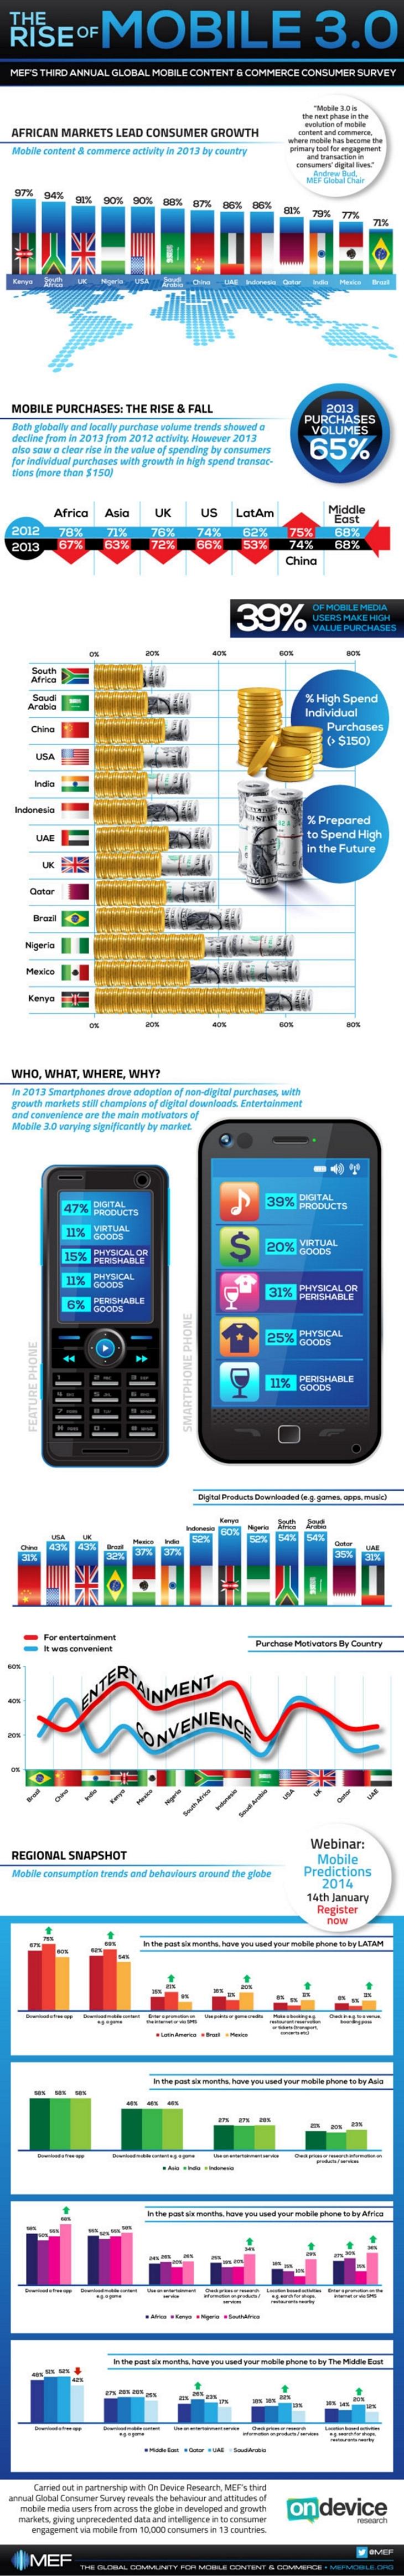 Mobile 3.0 предлагает потребителям супер-приложения (инфографика)